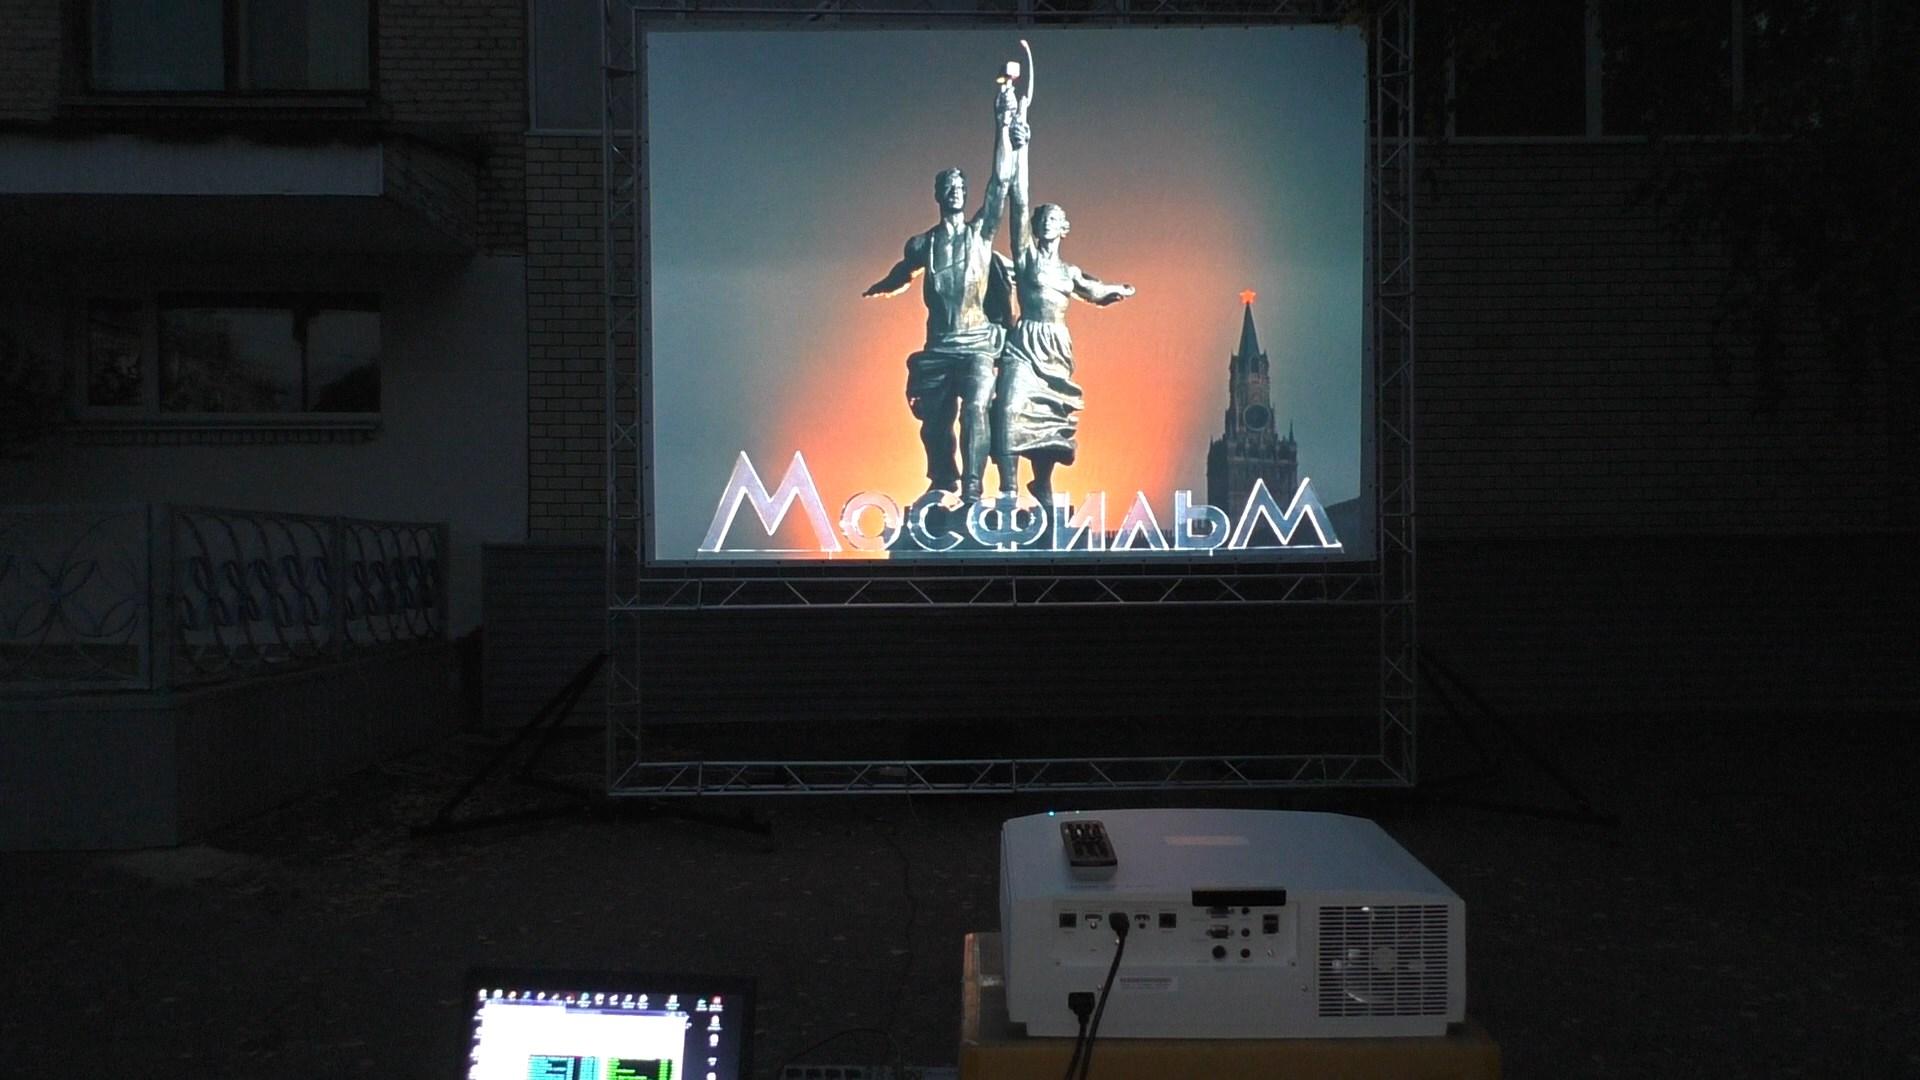 Современное оборудование для  демонстрации фильмов на открытом воздухе   поступило в рамках федерального гранта